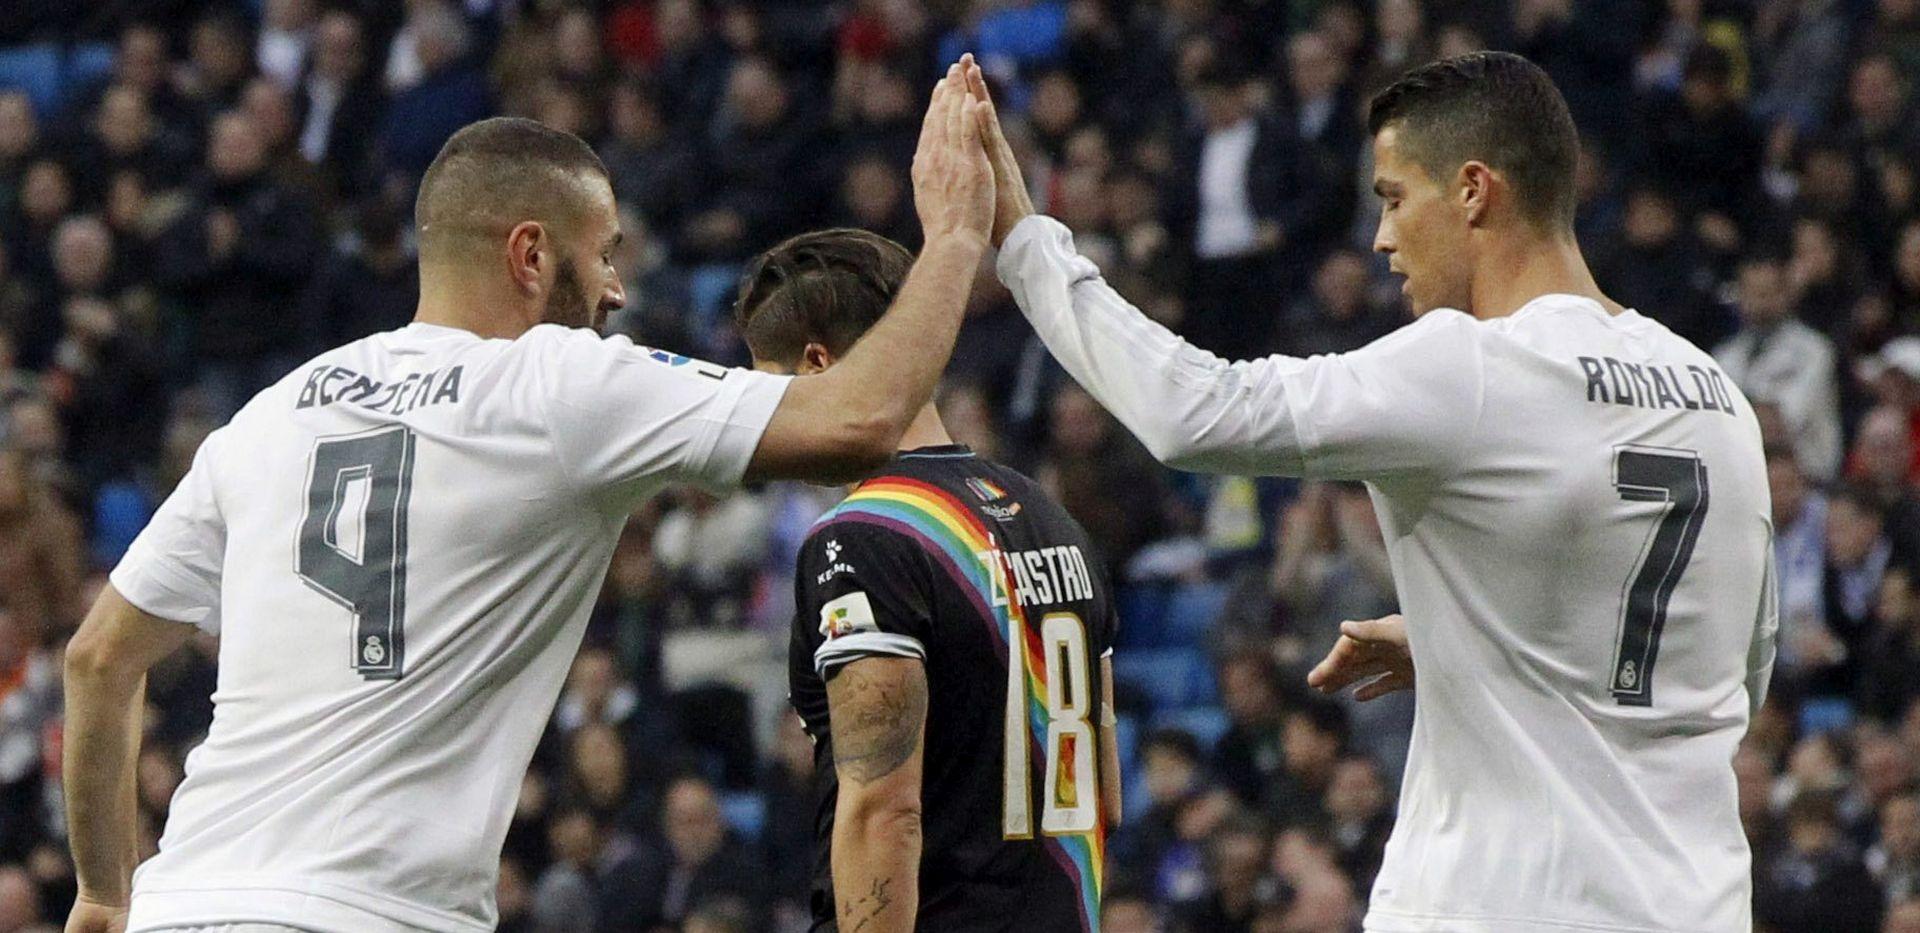 """TRENER RAYA OČAJAN """"Osjećamo se poniženo. To ne koristi ni Madridu, ni nama, ni španjolskom nogometu"""""""